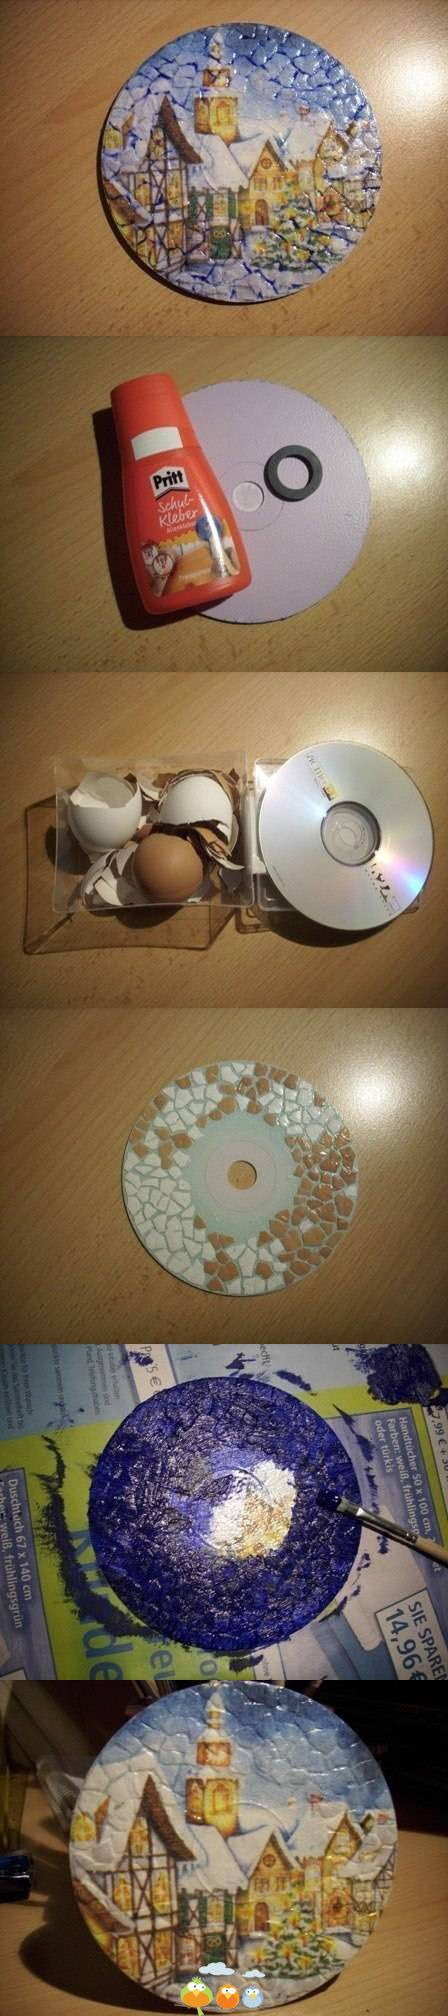 креативно использовать ненужные CD-диски: основа для картин с яичной скорлупой